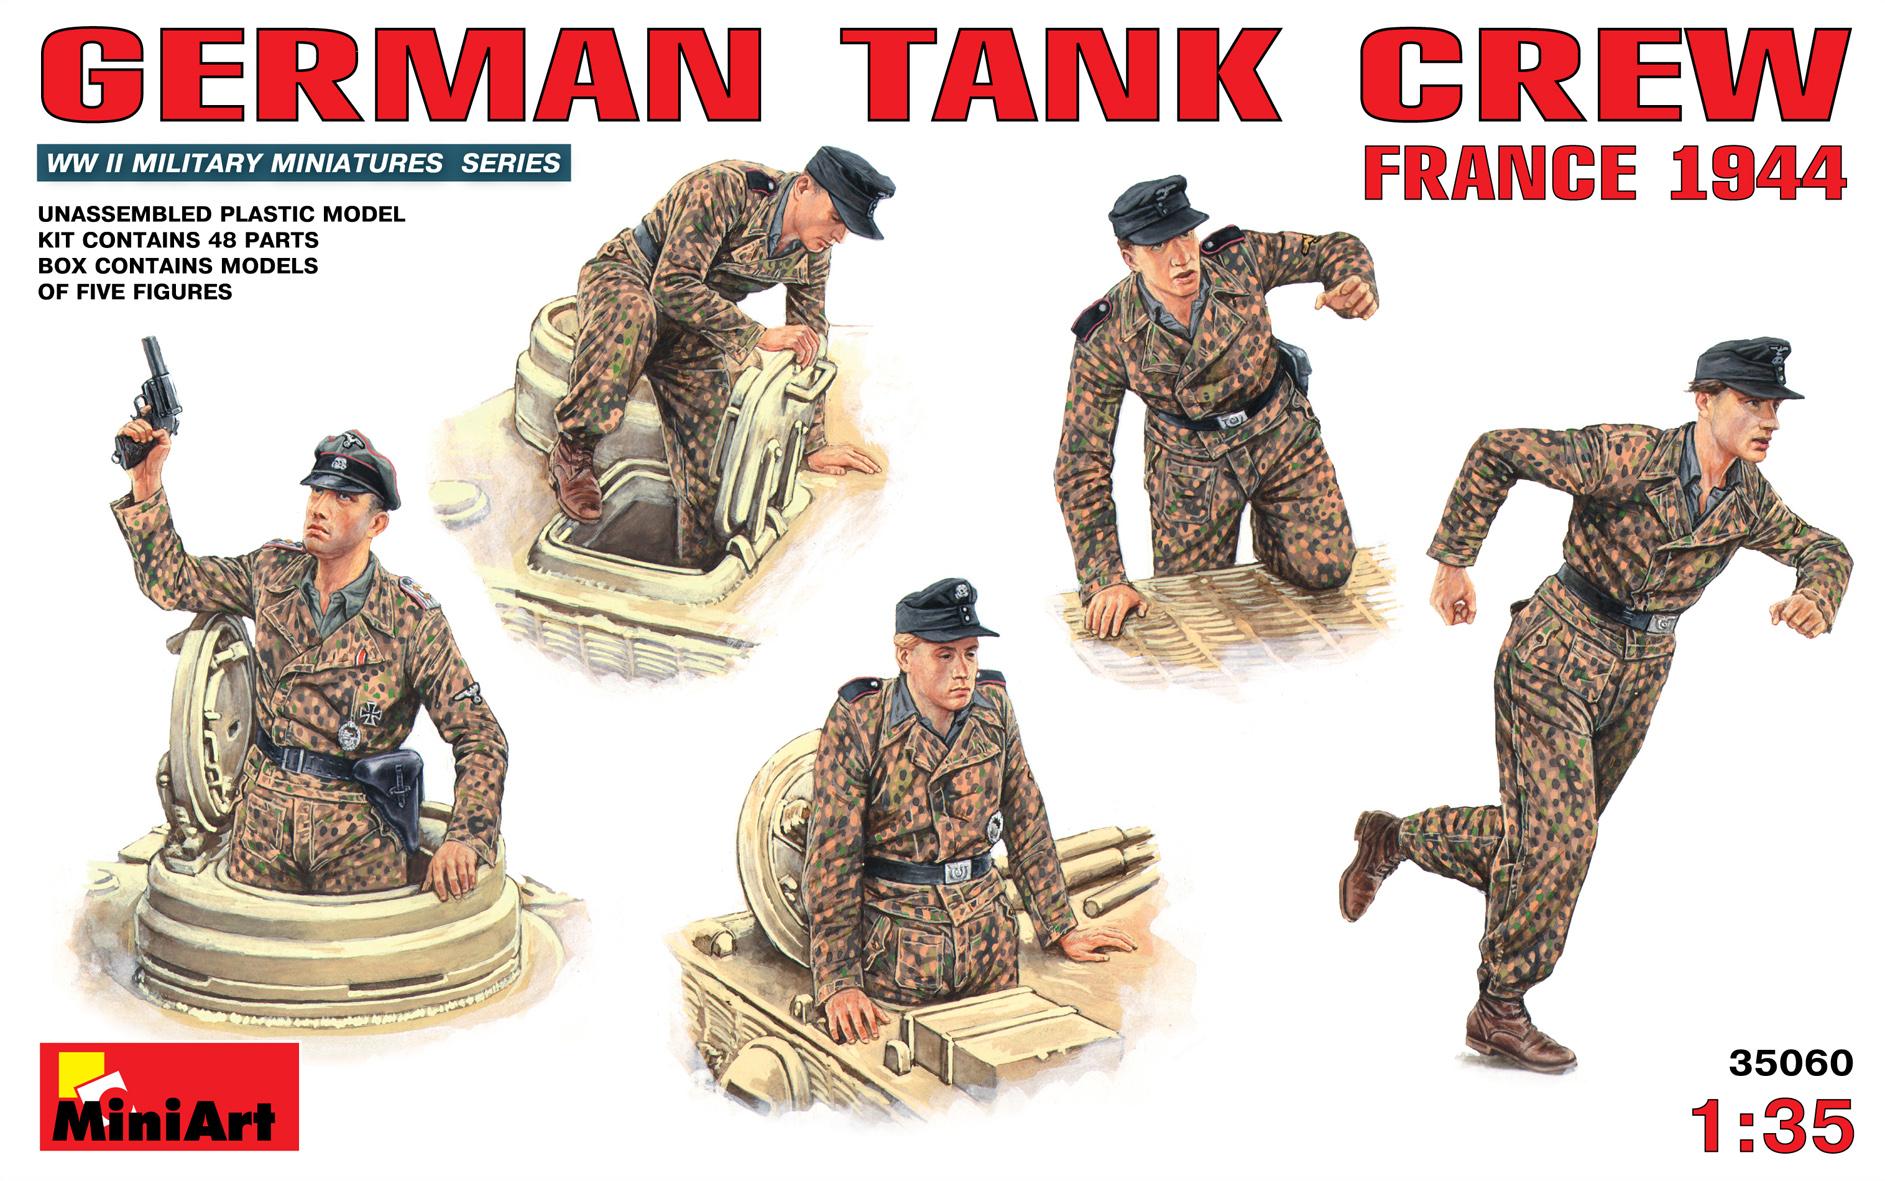 GERMAN TANK CREW (FRANCE 1944)